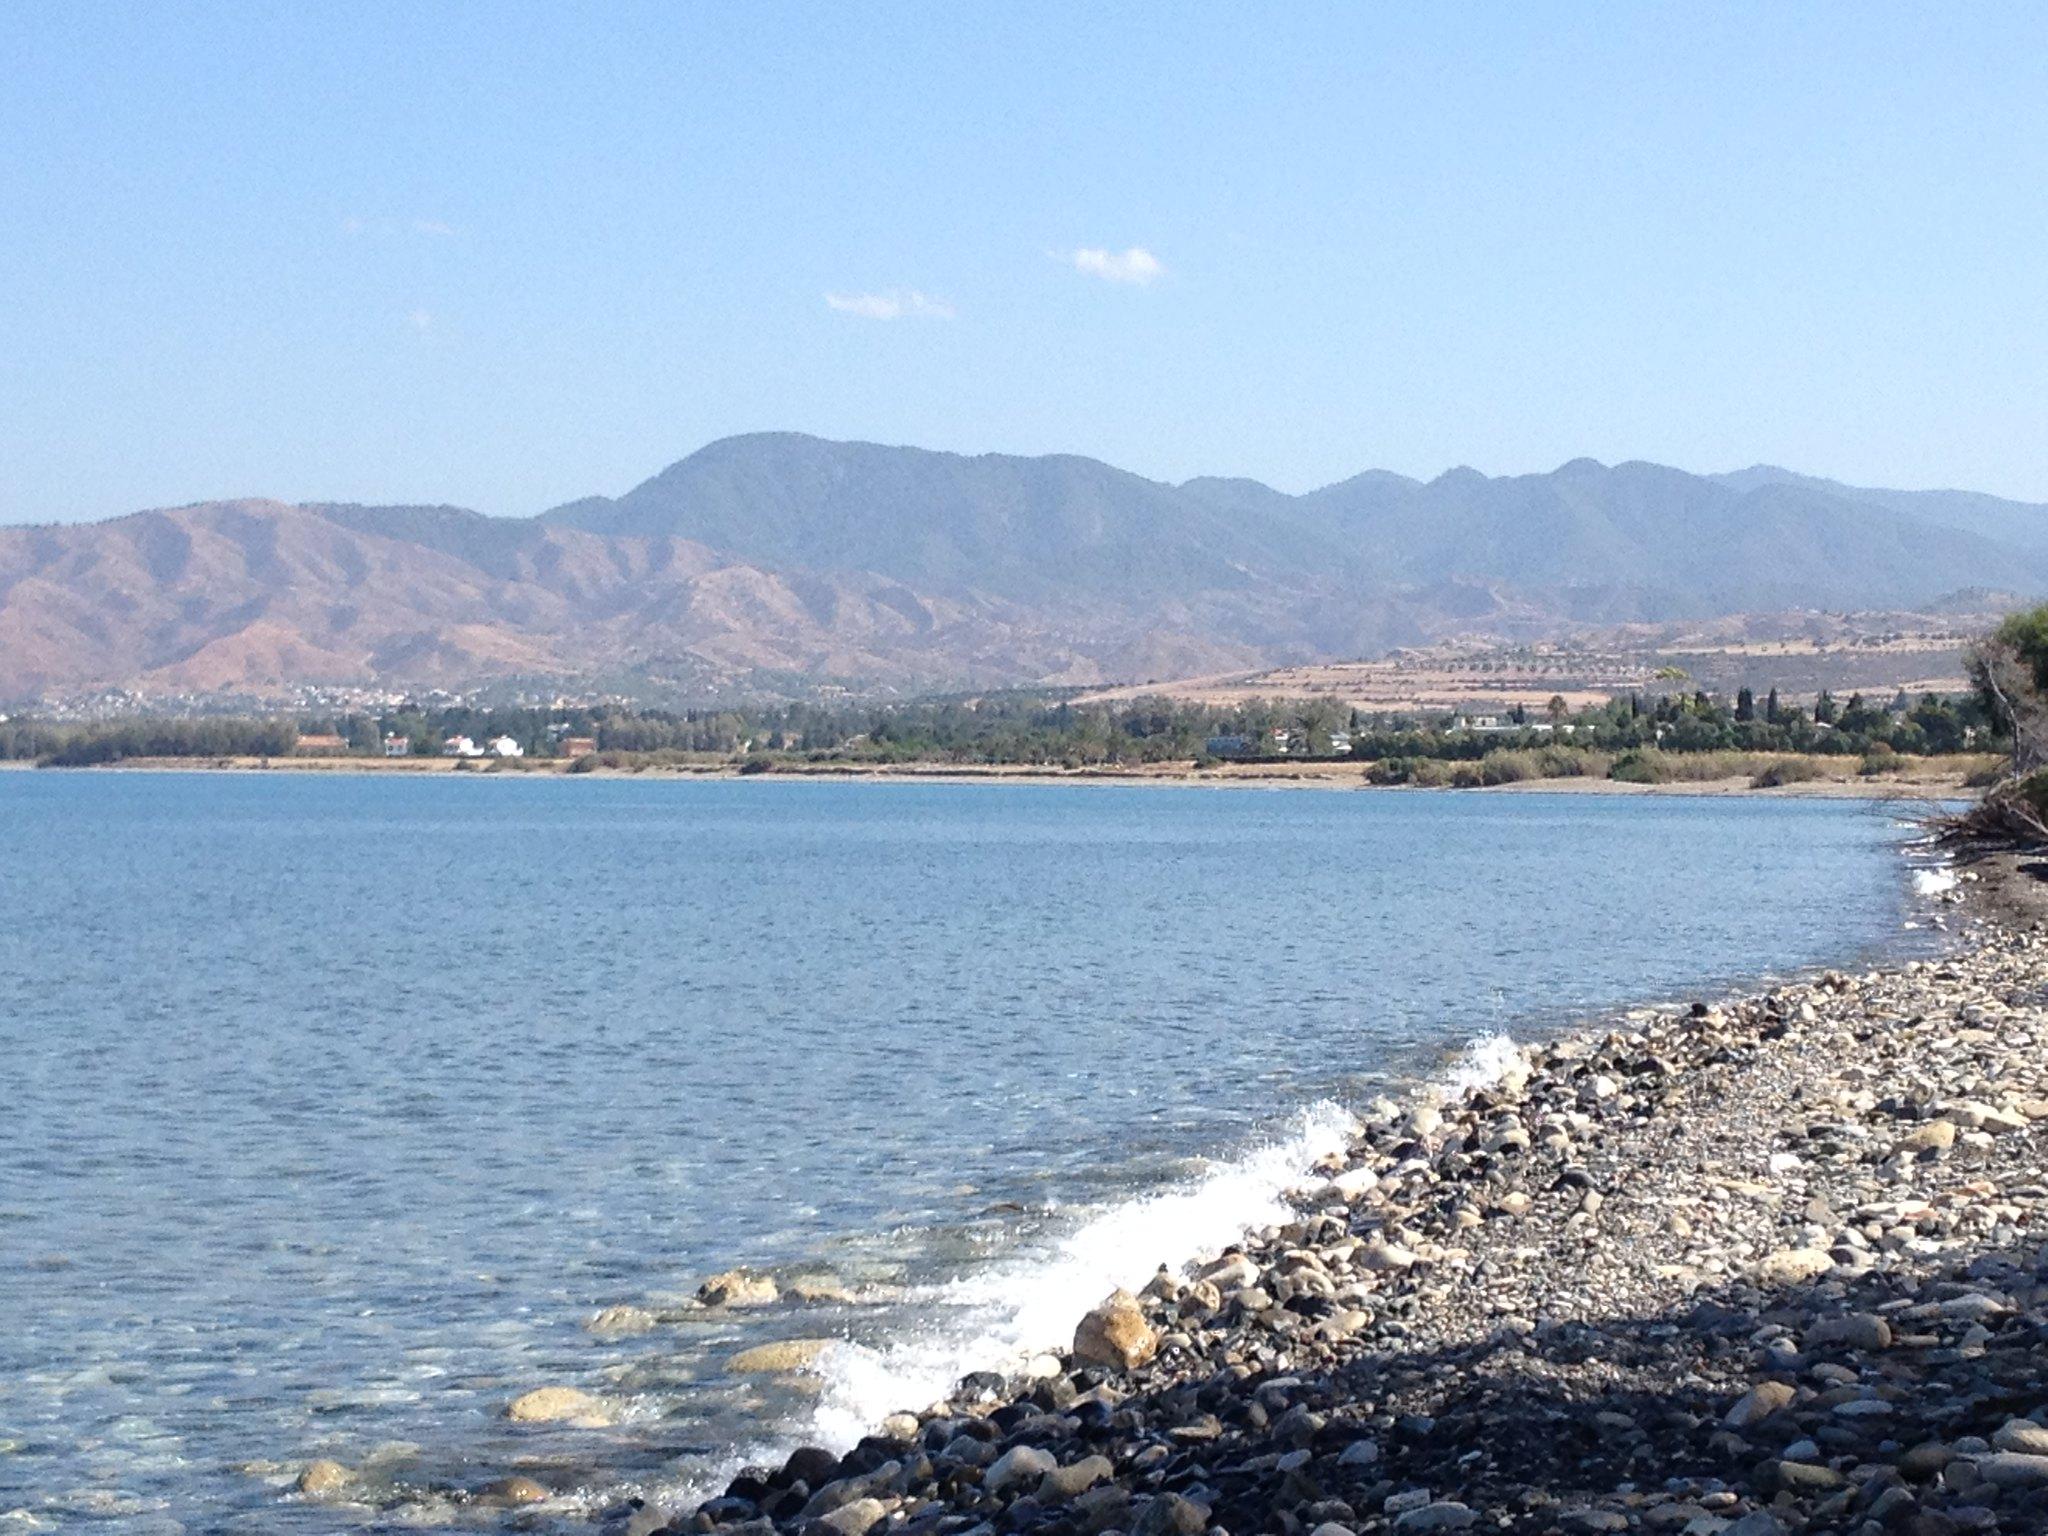 Средиземное море, залив Хрисоху. Горы.